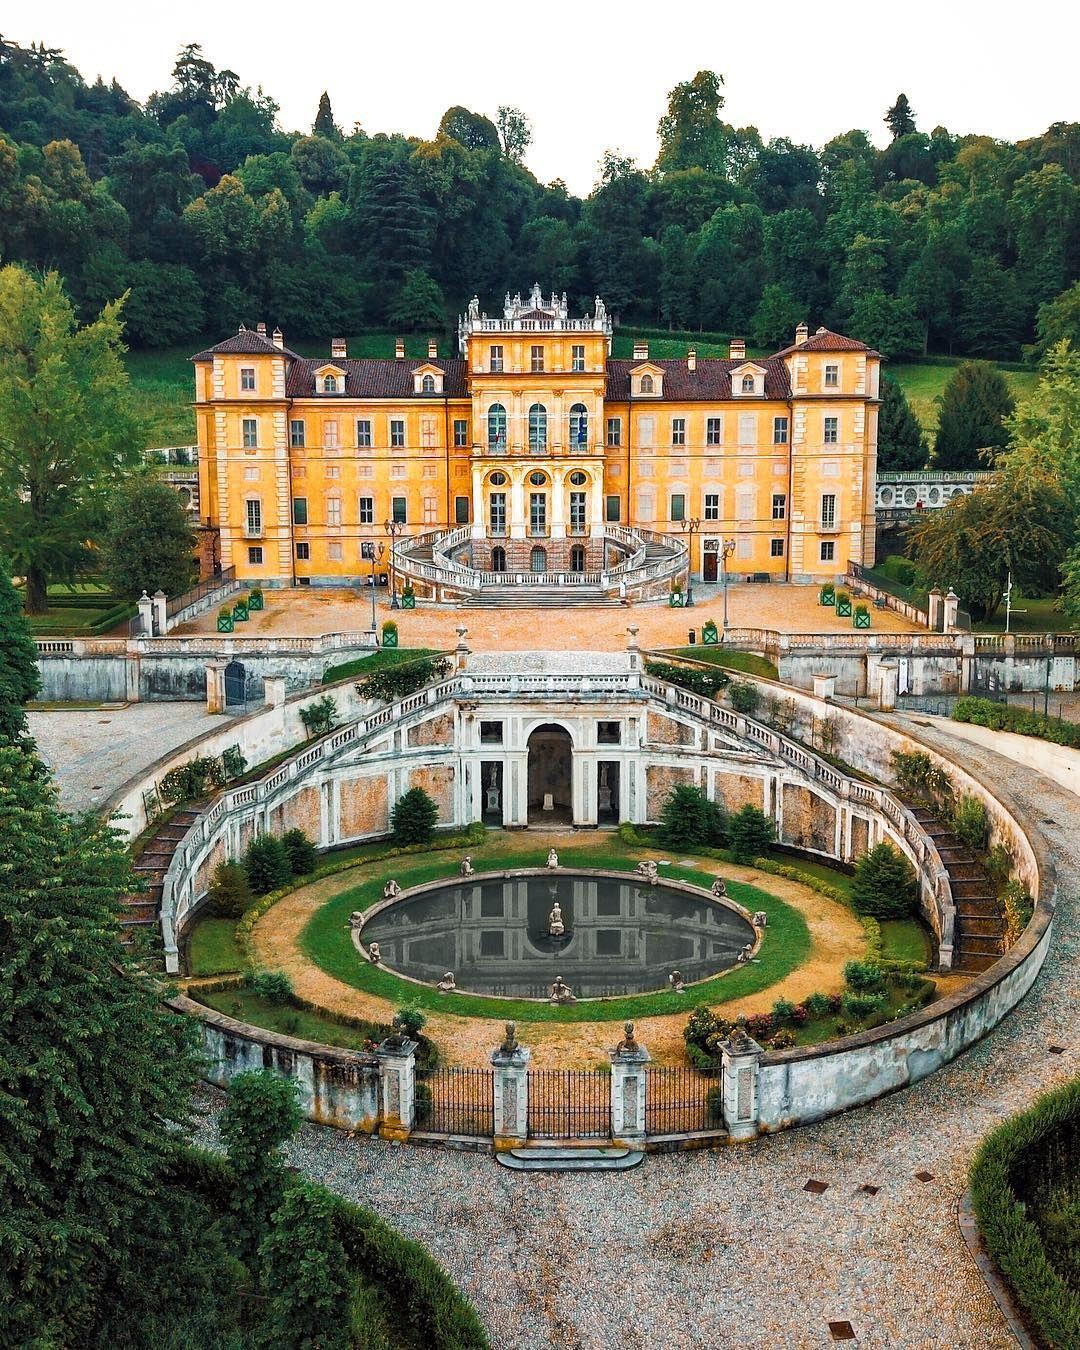 Villa della Regina by boge88 on IG. House of savoy